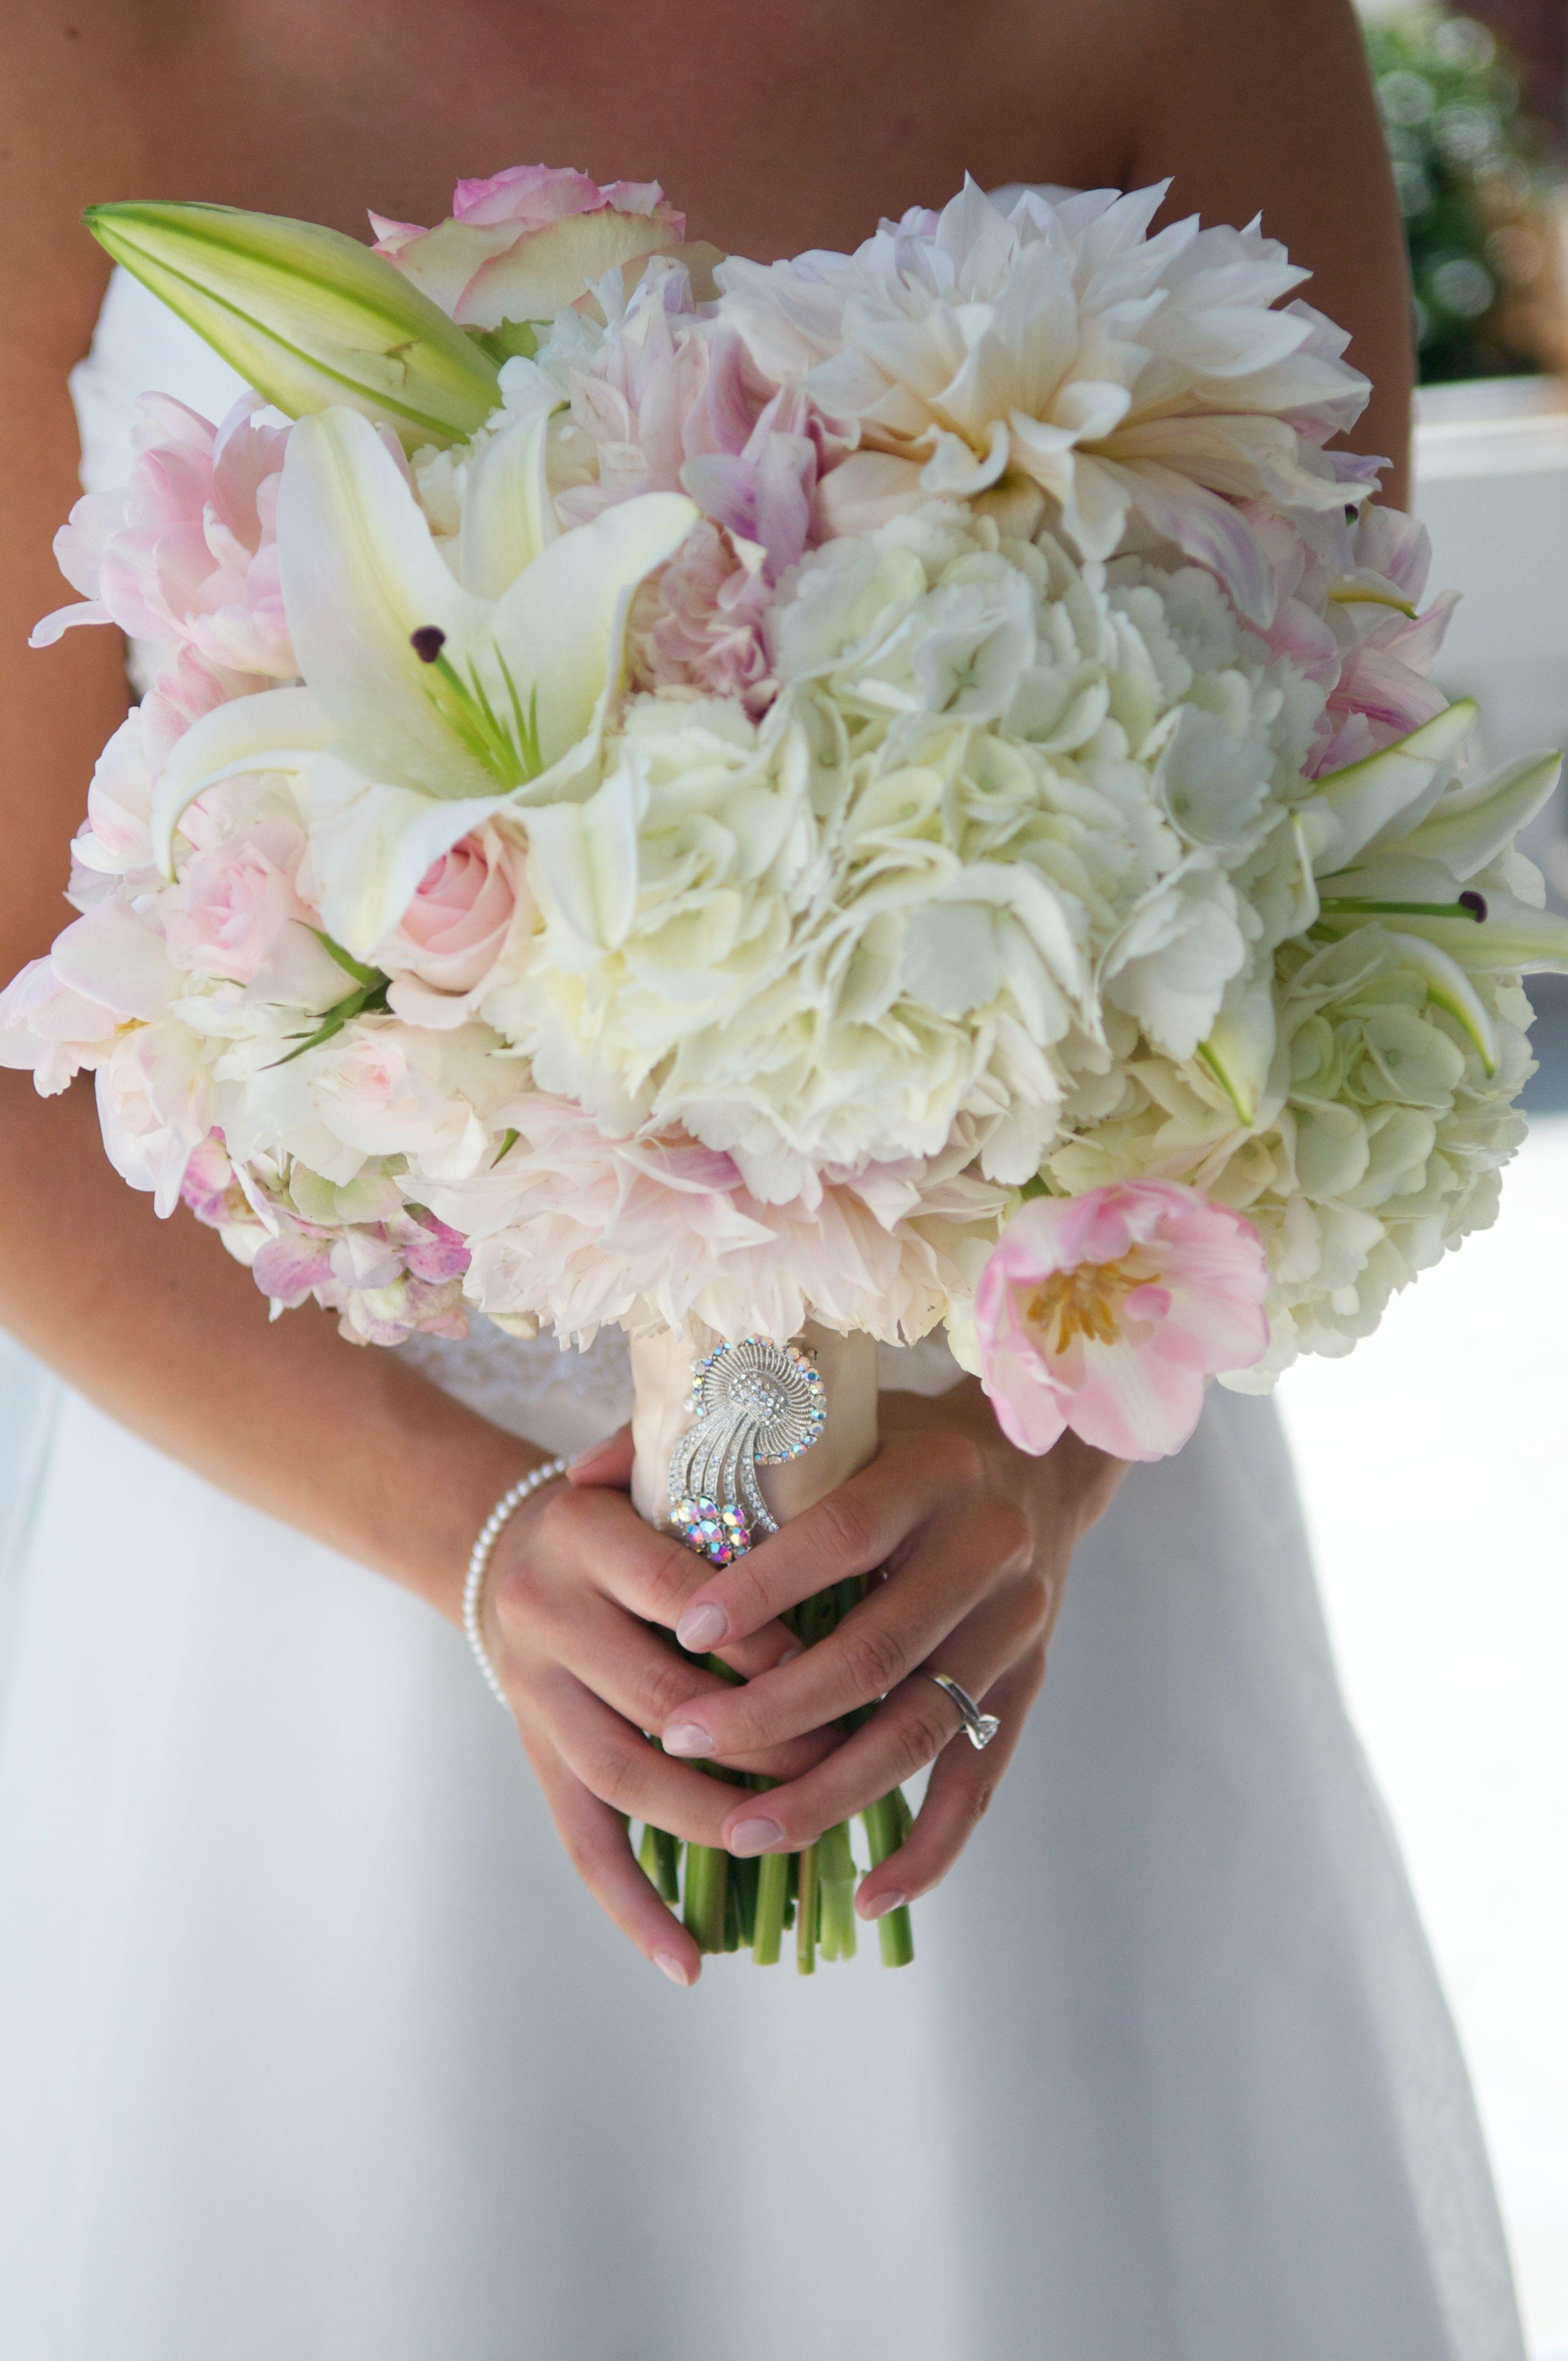 White Hydrangea, White Casablanca Lily, Blush Dahlia ...